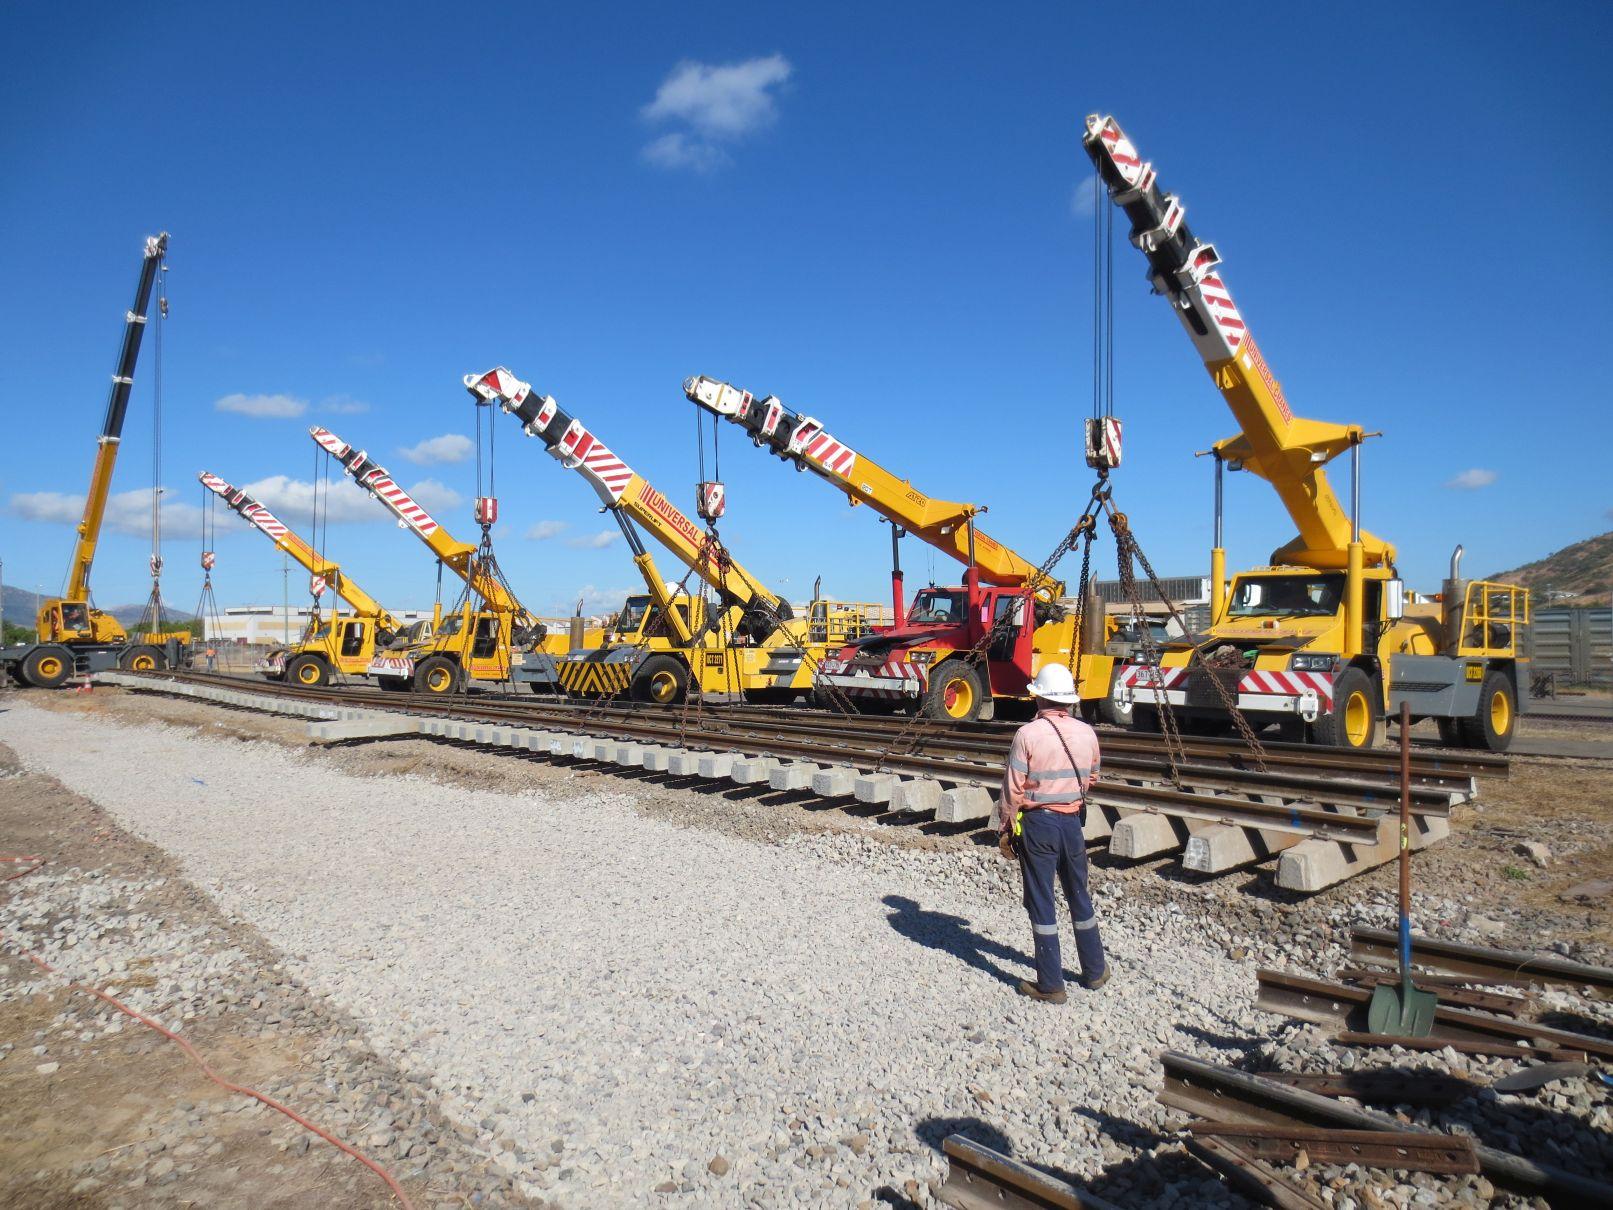 Townsville 6 crane lift for QR - smaller.jpg